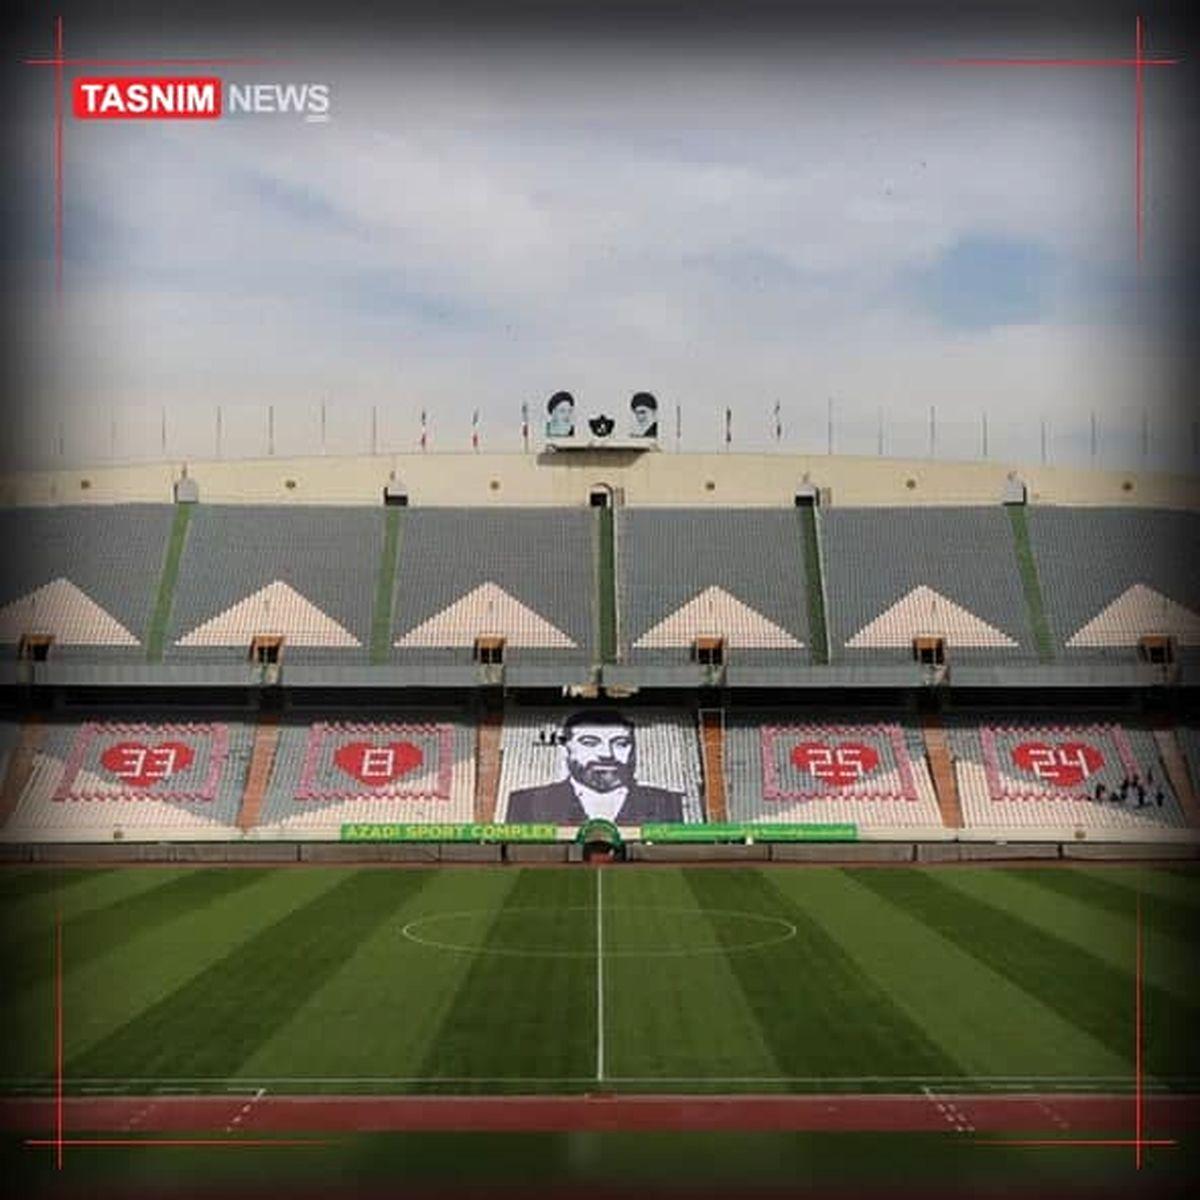 طرح موزاییکی در ورزشگاه آزادی به یاد انصاریان +عکس و فیلم